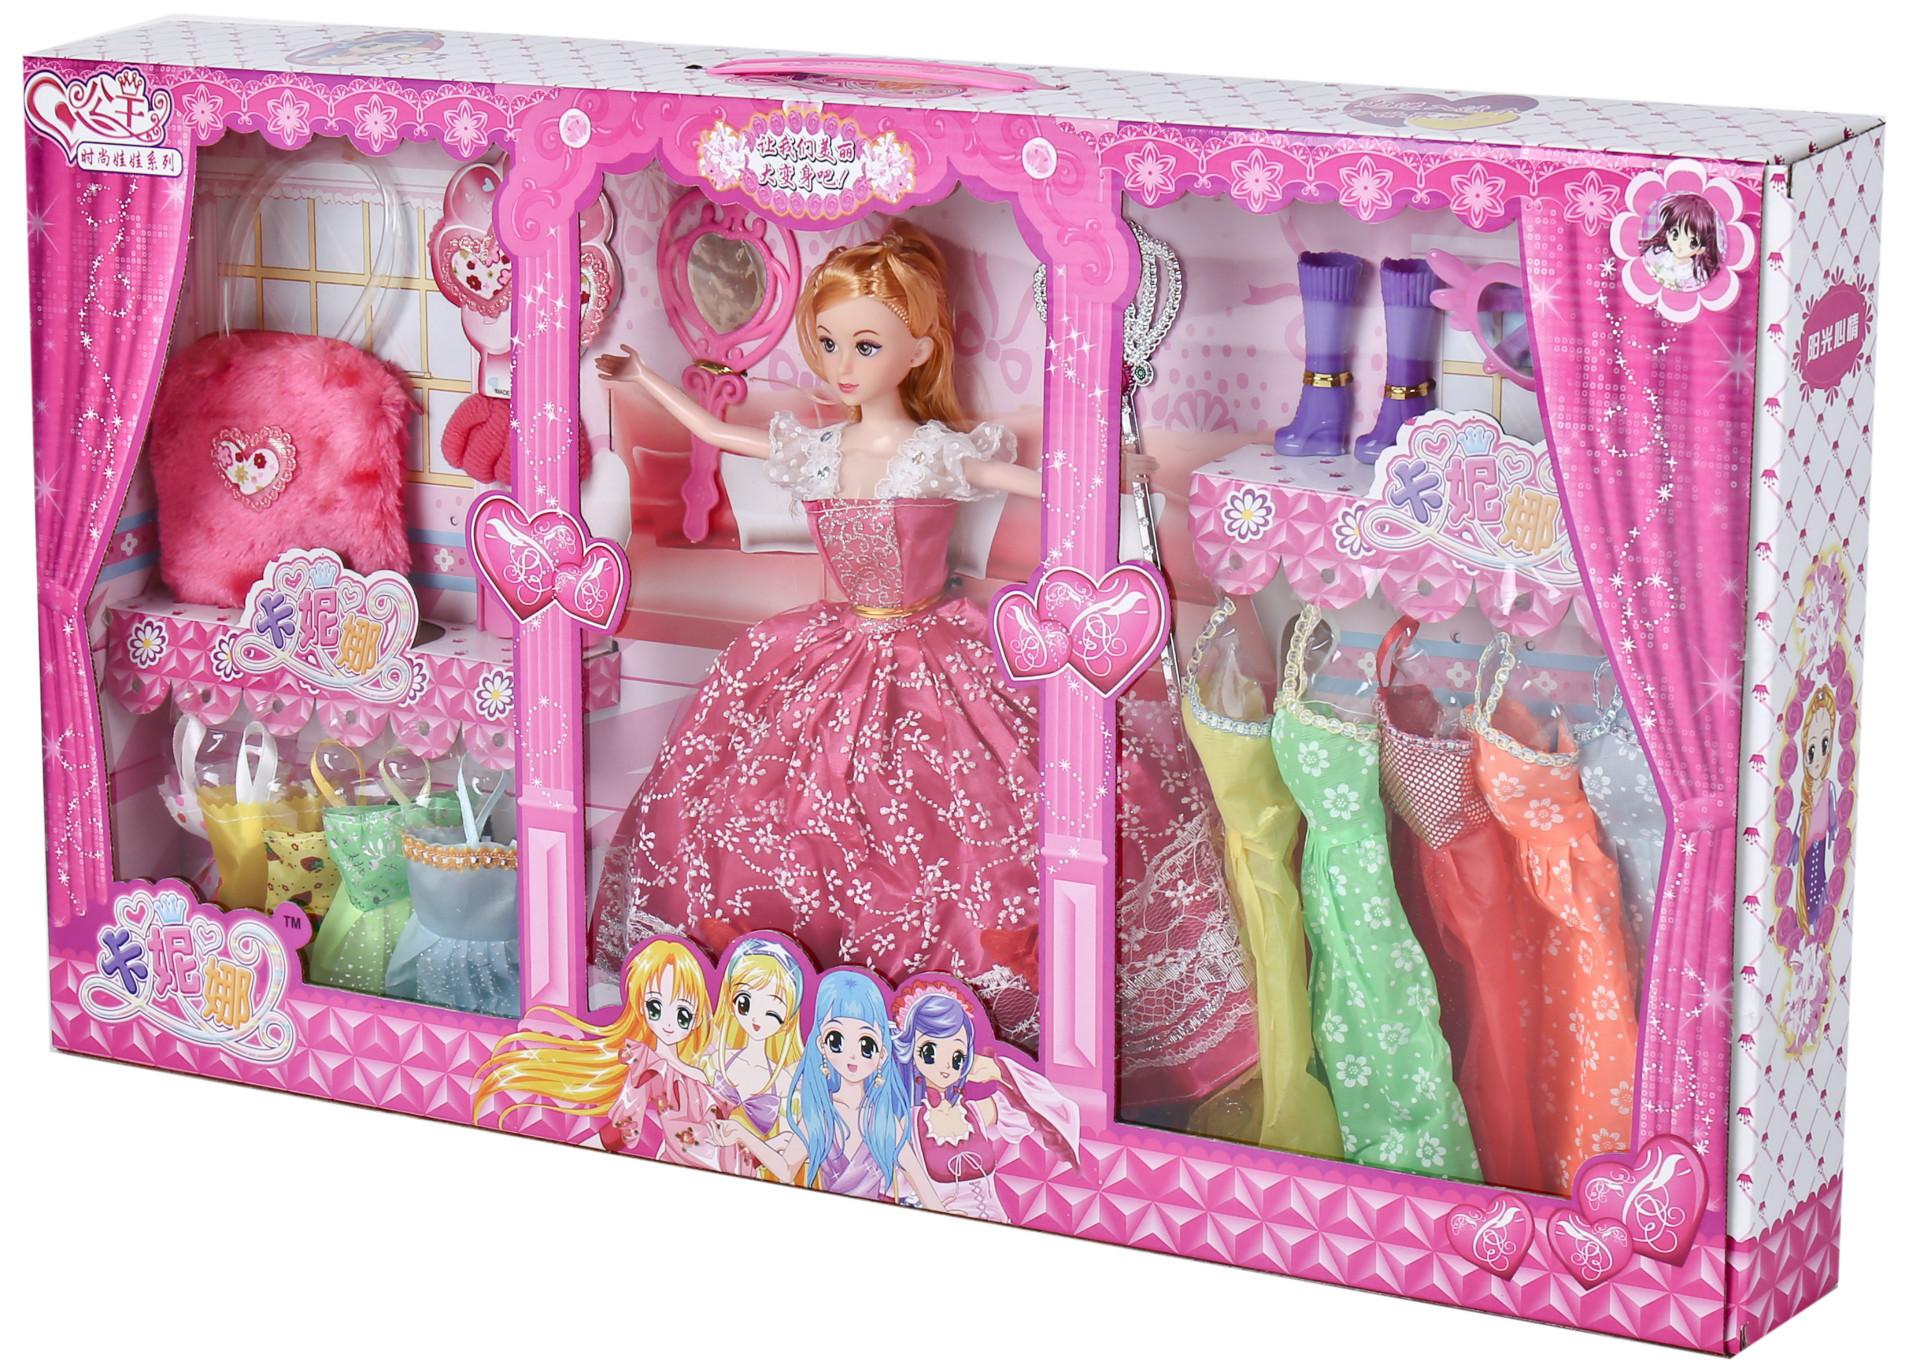 芭比娃娃 3C认证 卡妮娜娃娃 礼盒装 生日礼物 女孩最爱